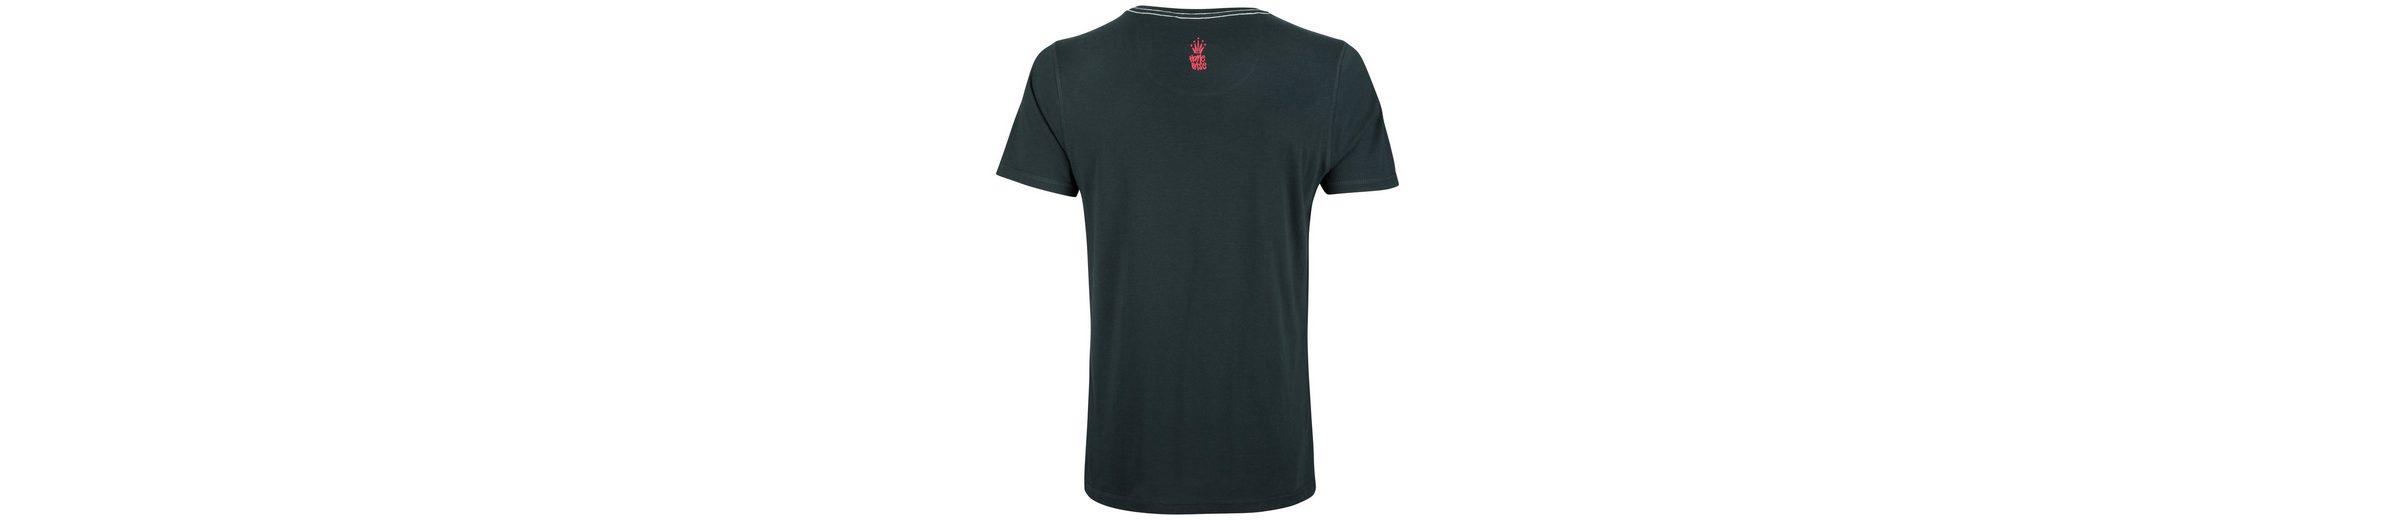 Schnelle Lieferung Günstiger Preis Homebase Brandalised T-Shirt Verschleißfestigkeit g8lhwmPJ